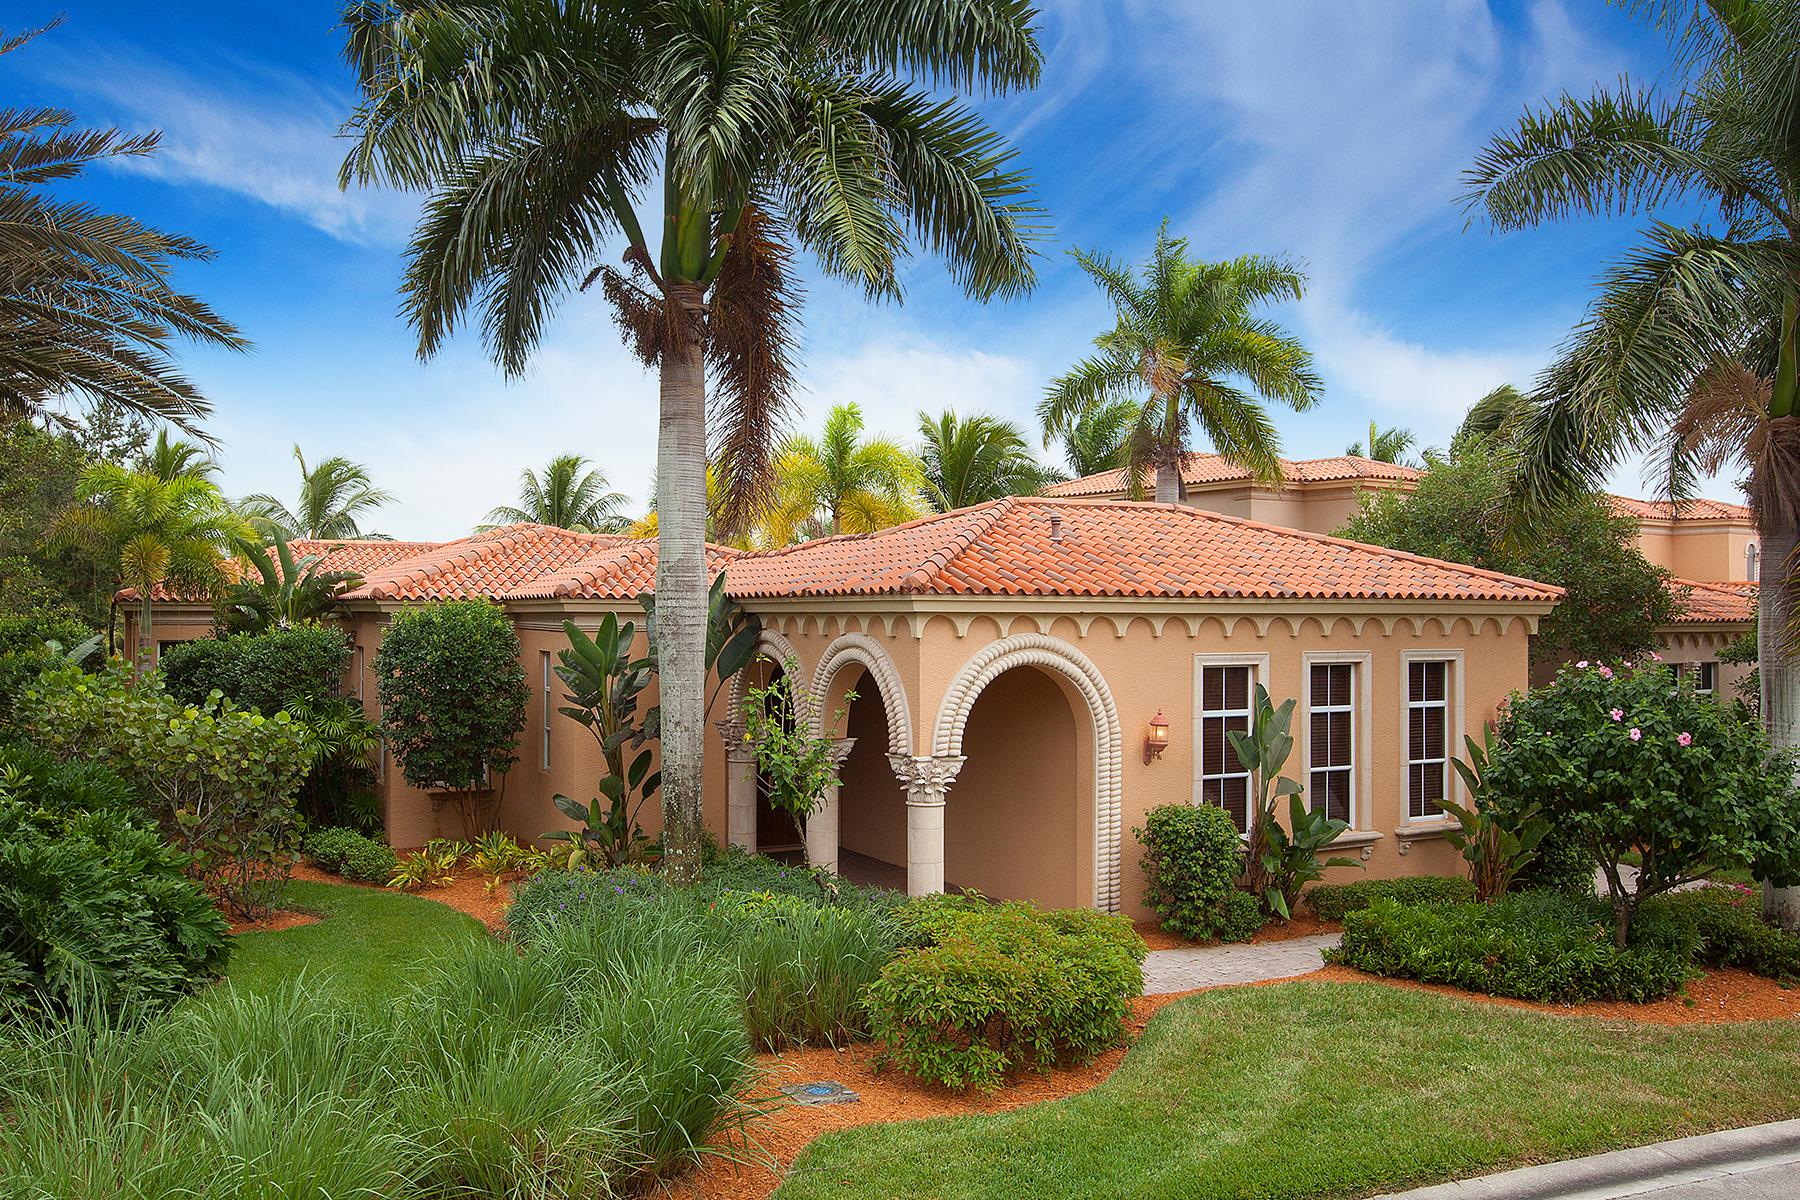 Maison unifamiliale pour l Vente à FIDDLER'S CREEK - BELLAGIO 8504 Bellagio Dr Naples, Florida 34114 États-Unis